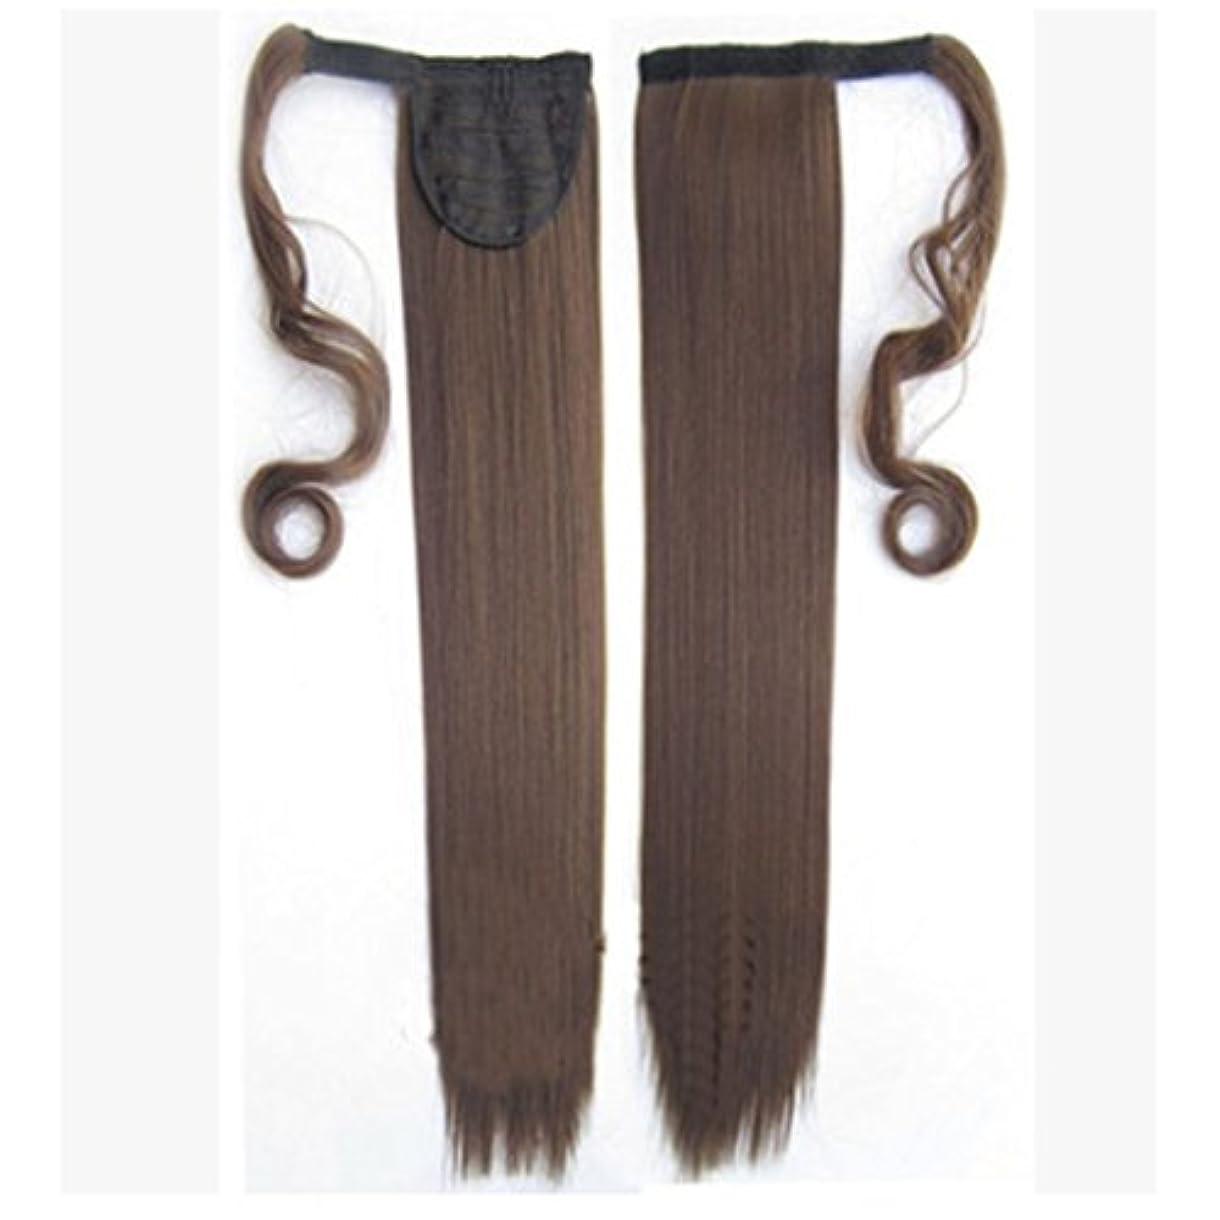 なぞらえる特権的打倒Doyvanntgo 人間の髪のポニーテールエクステンションラップ8 * 55センチメートルと100グラムロングストレート人間の髪シルキーソフト(ブラック、ダークブラウン、ライトブラウン、ゴールド、) (Color : ブラウン)